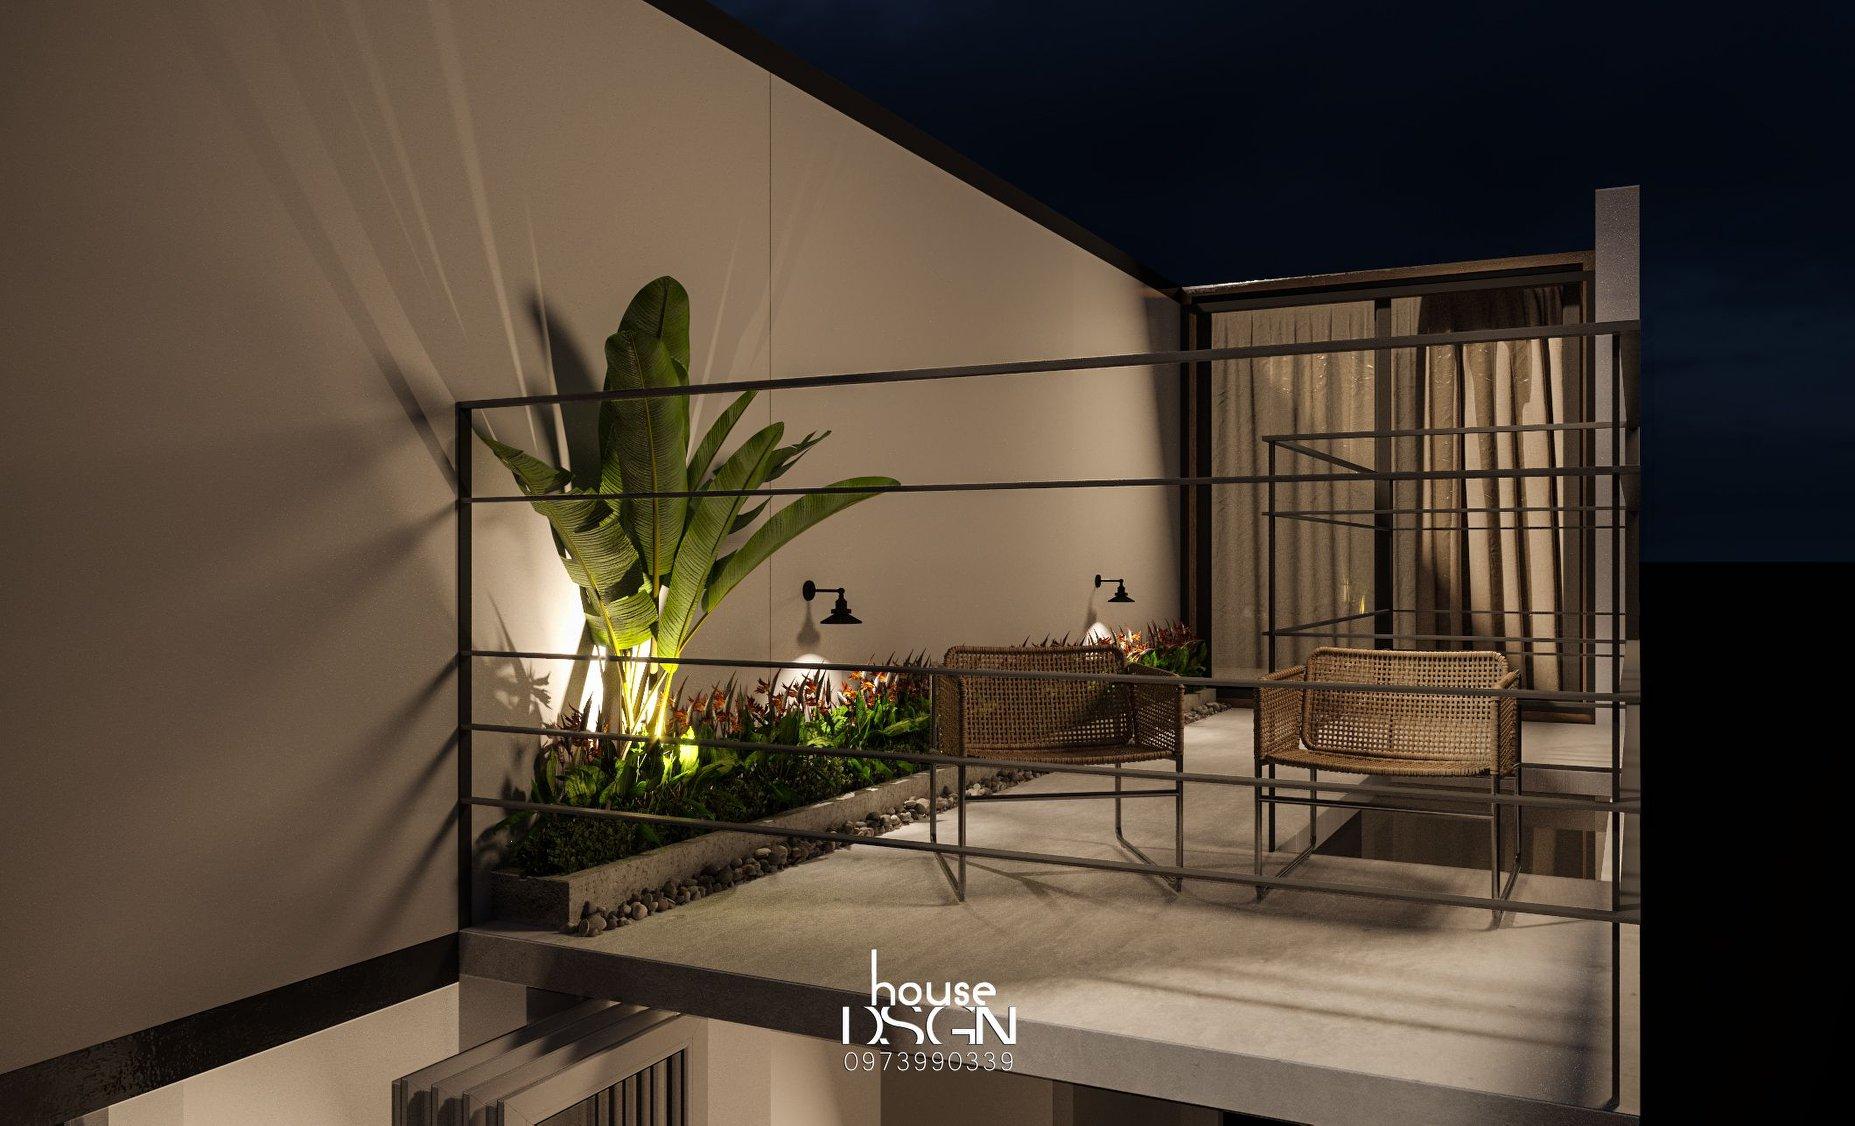 nội thất cho khách sạn sang trọng - Housedesign